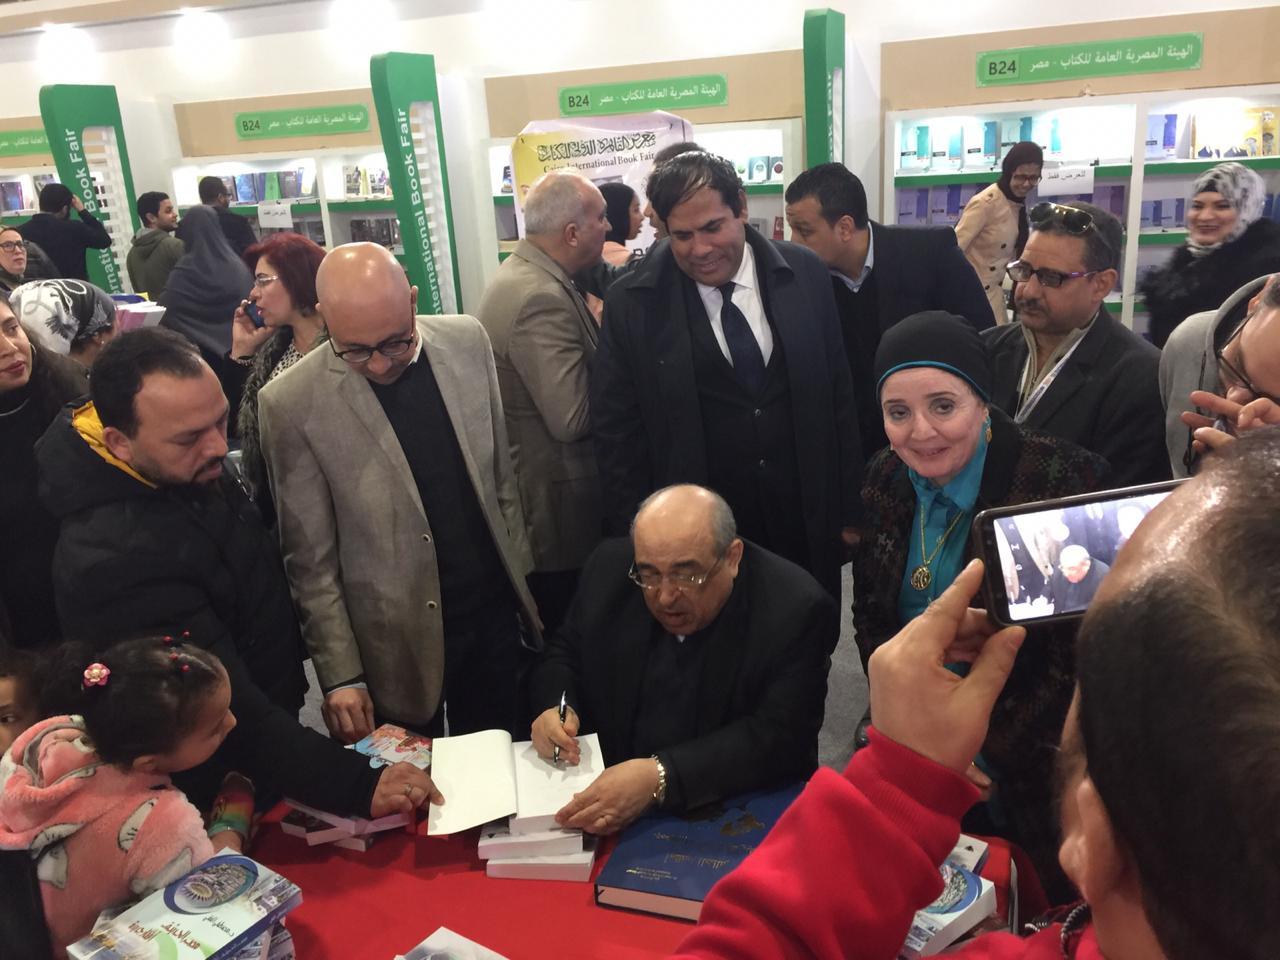 جانب من حفل توقيع كتب الدكتور مصطفى الفقى (2)